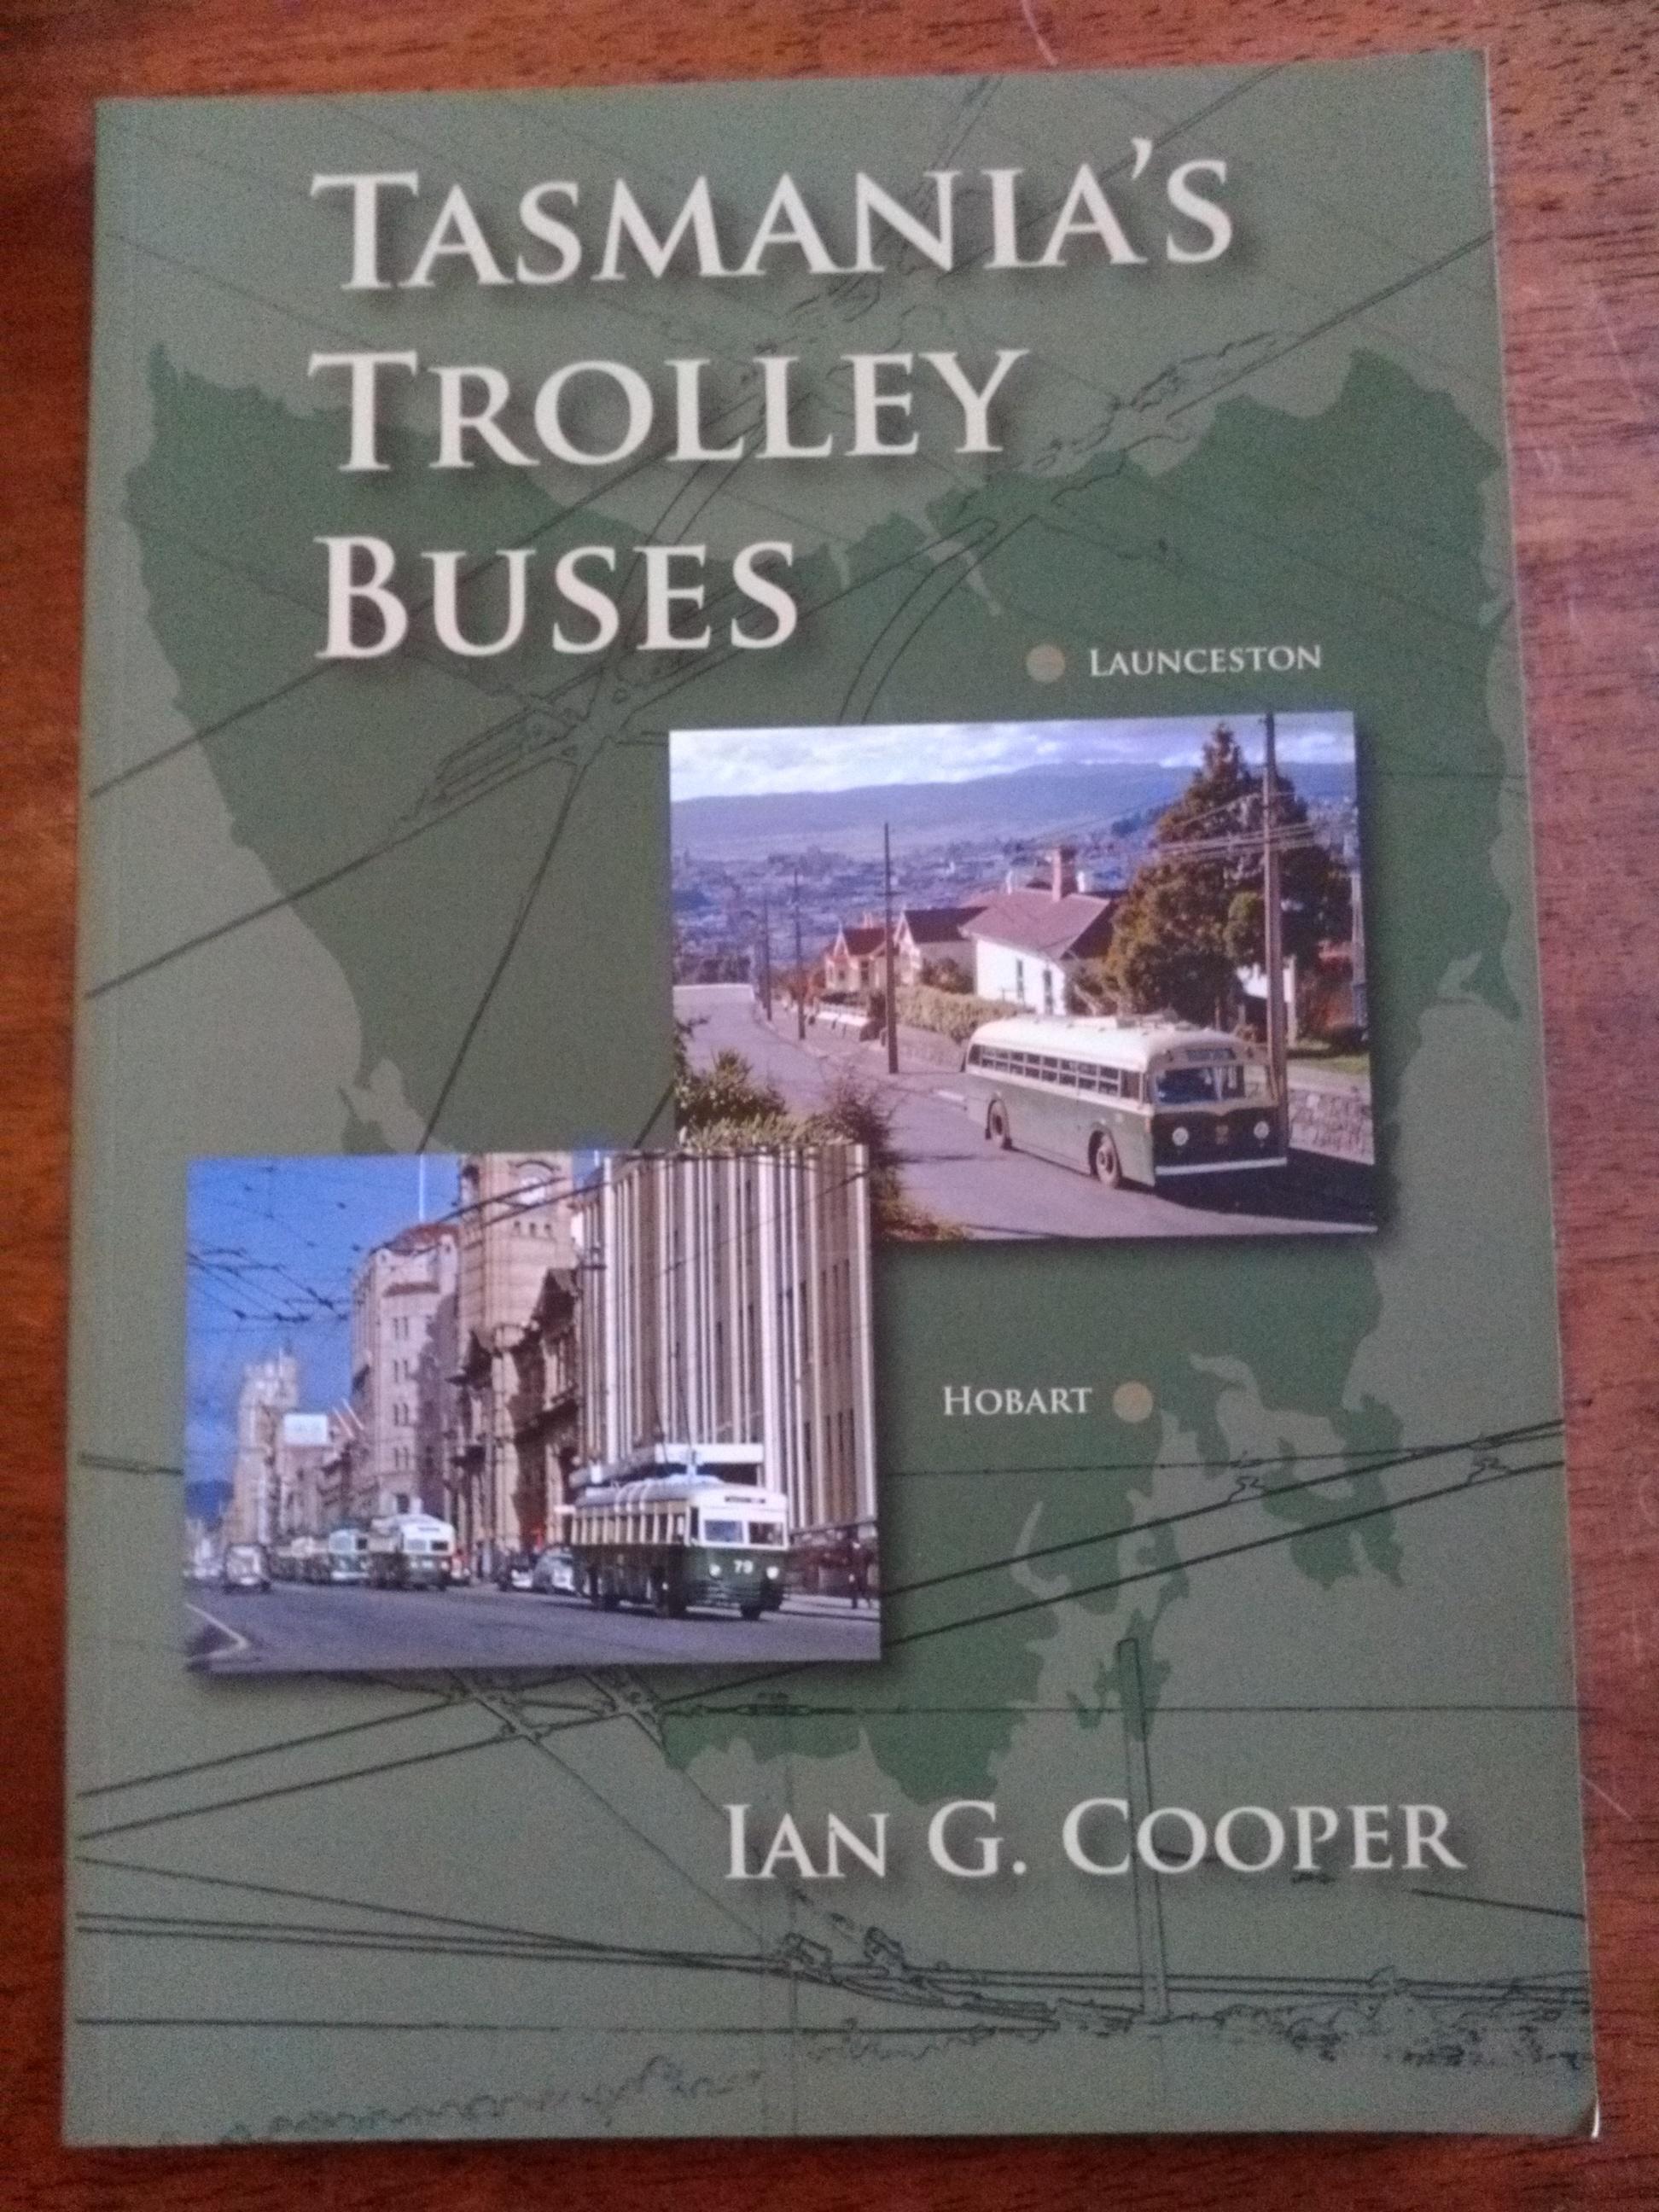 Tasmania's Trolley Buses